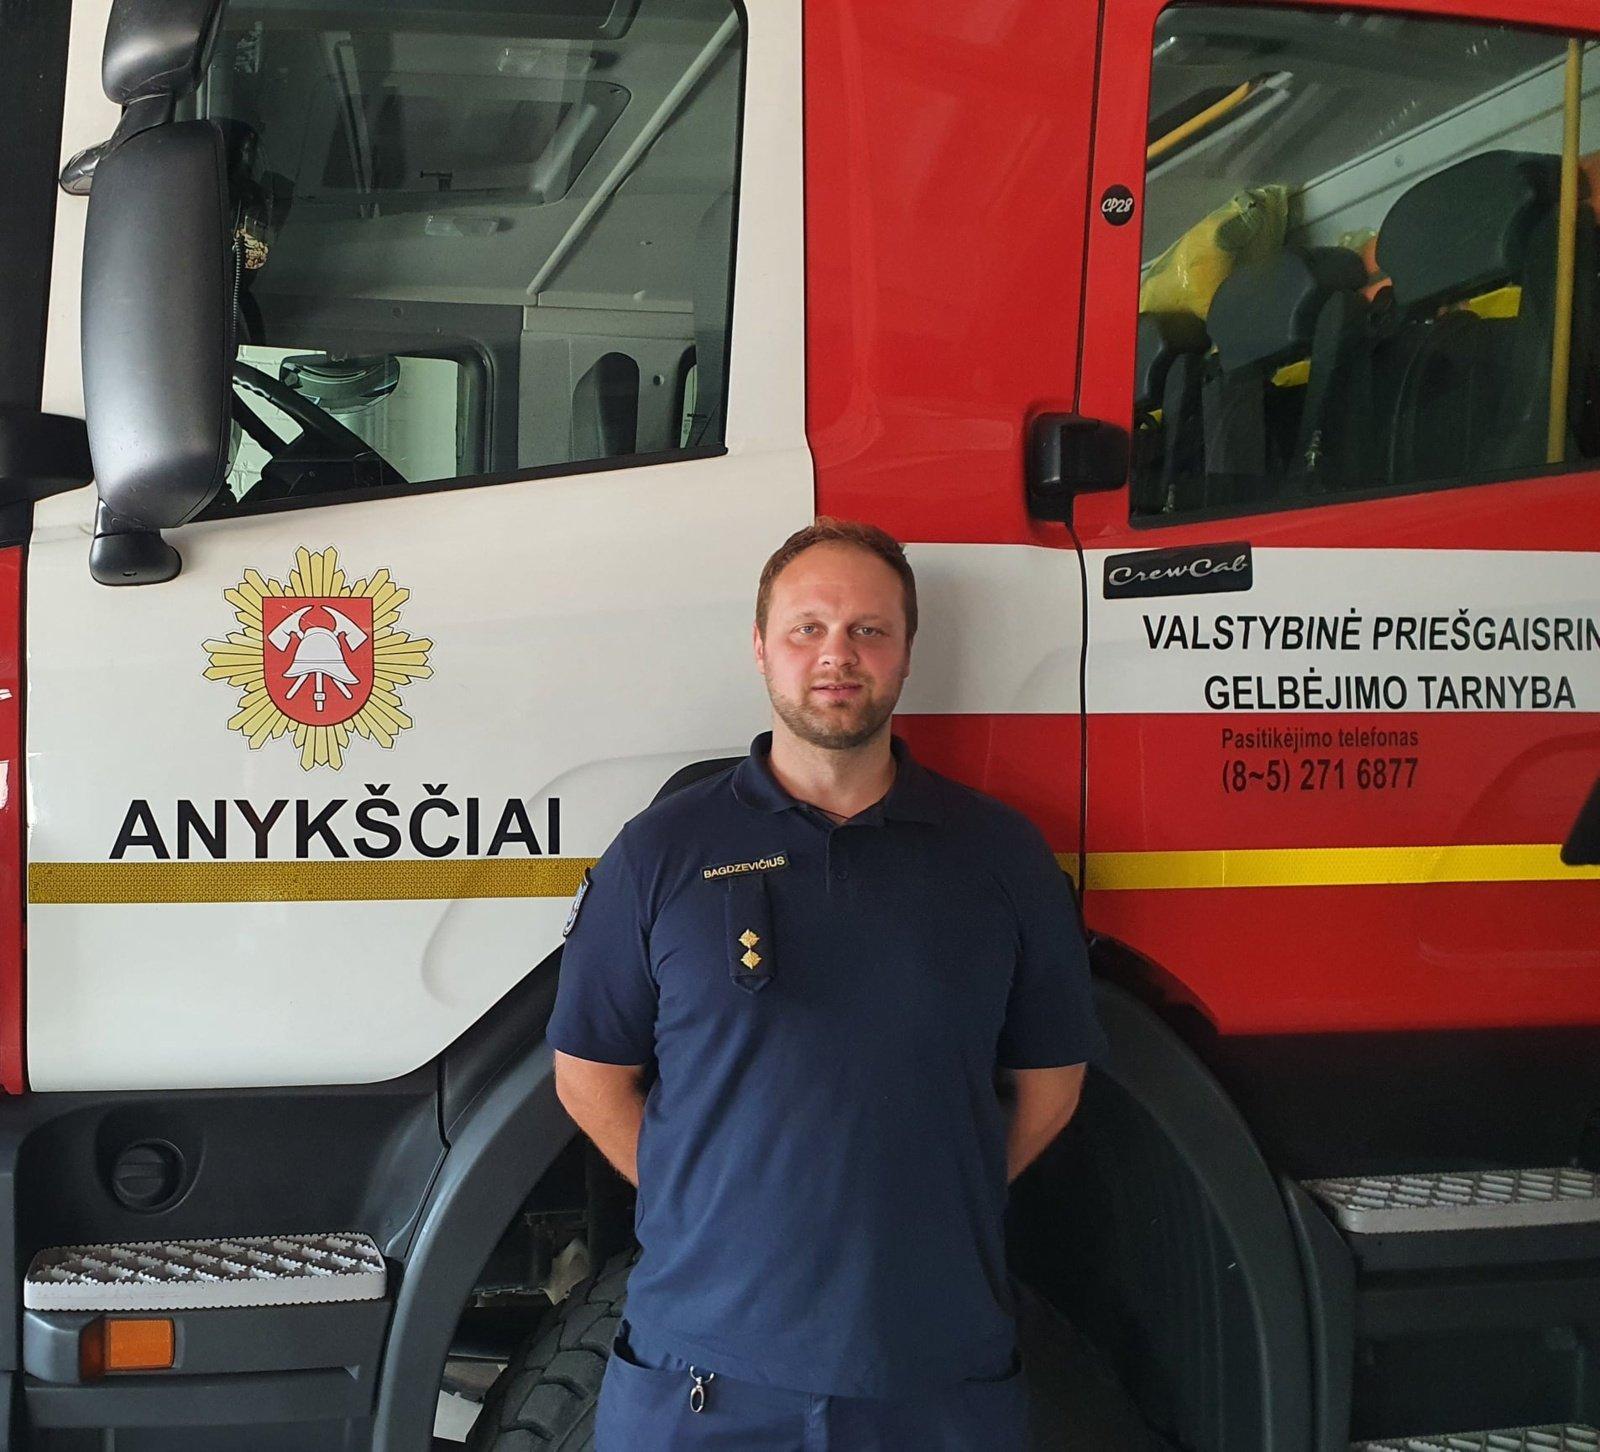 """Anykščių ugniagesys gelbėtojas Mantas Bagdzevičius: """"Skaudžiausia, kad žmonės kartais savo gyvybės visai nevertina"""""""